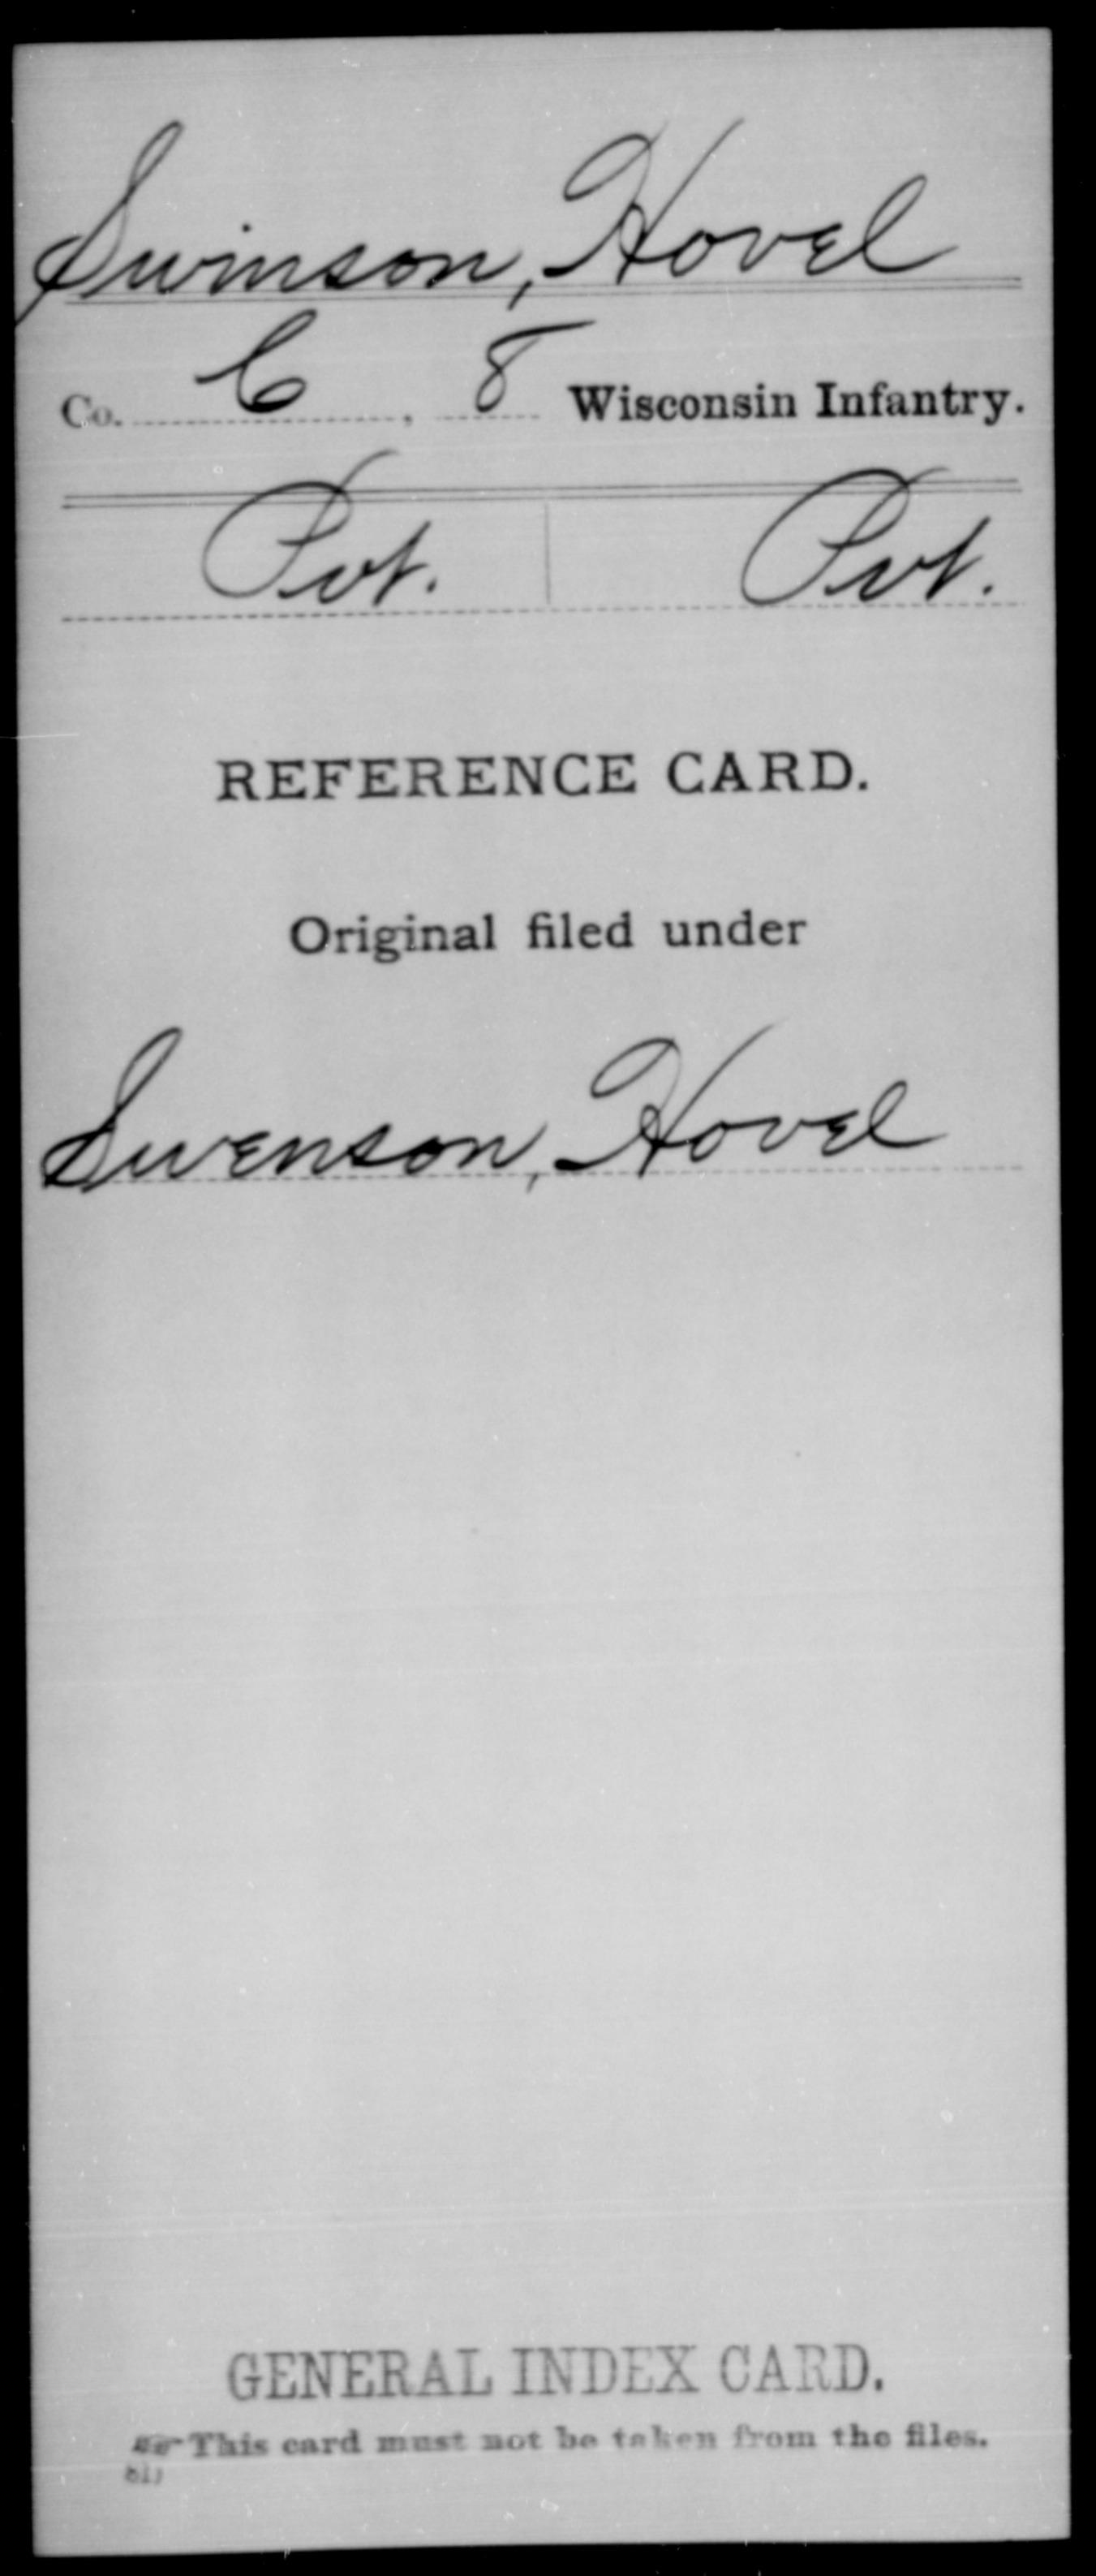 [Wisconsin] Swinson, Hovel - 8th Infantry, Company C